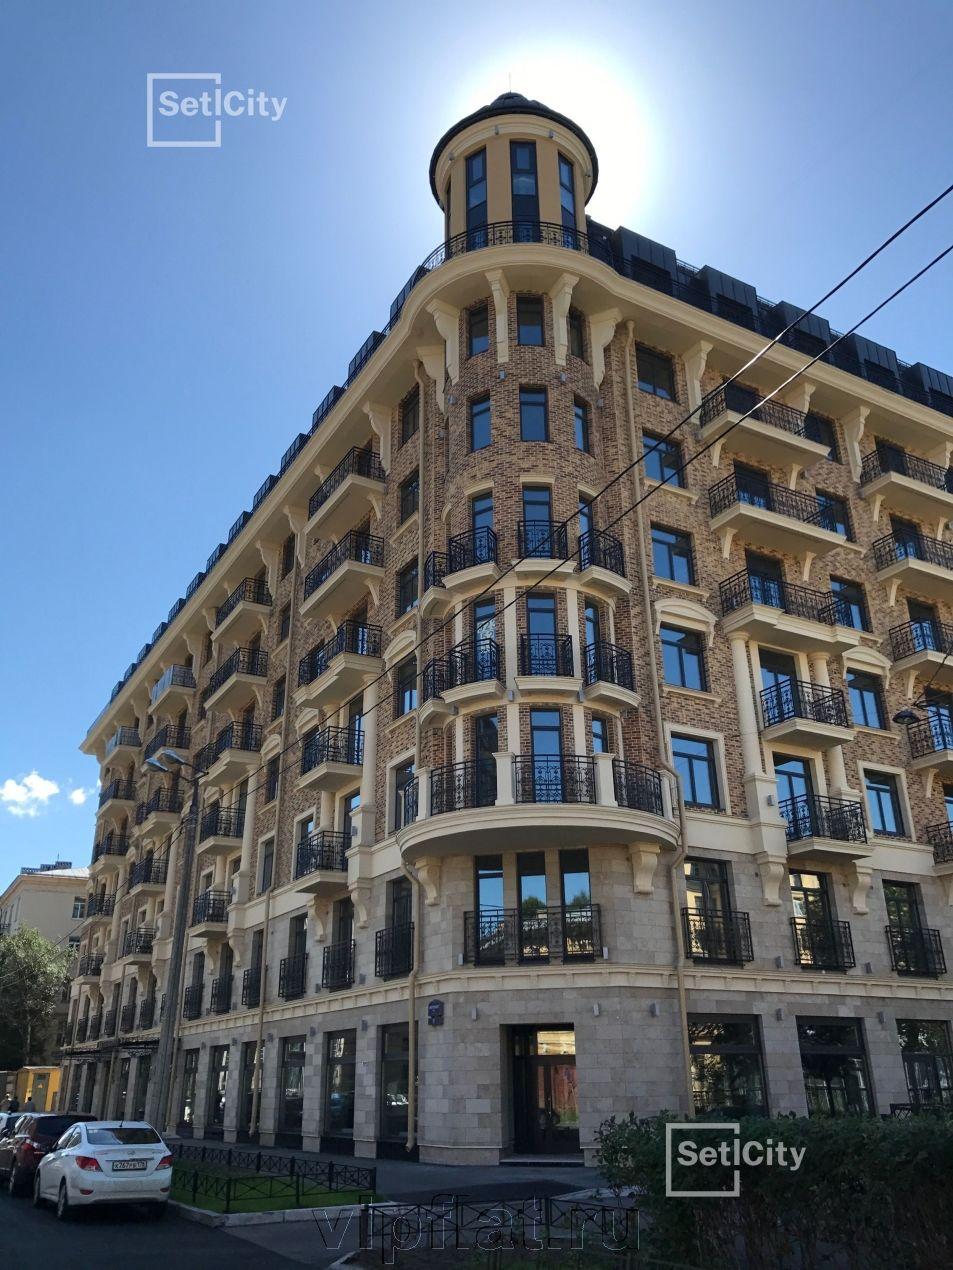 Продажа элитных квартир Санкт-Петербурга. Кирочная улица, 57 Изящные балконы и карнизы украшают фасад